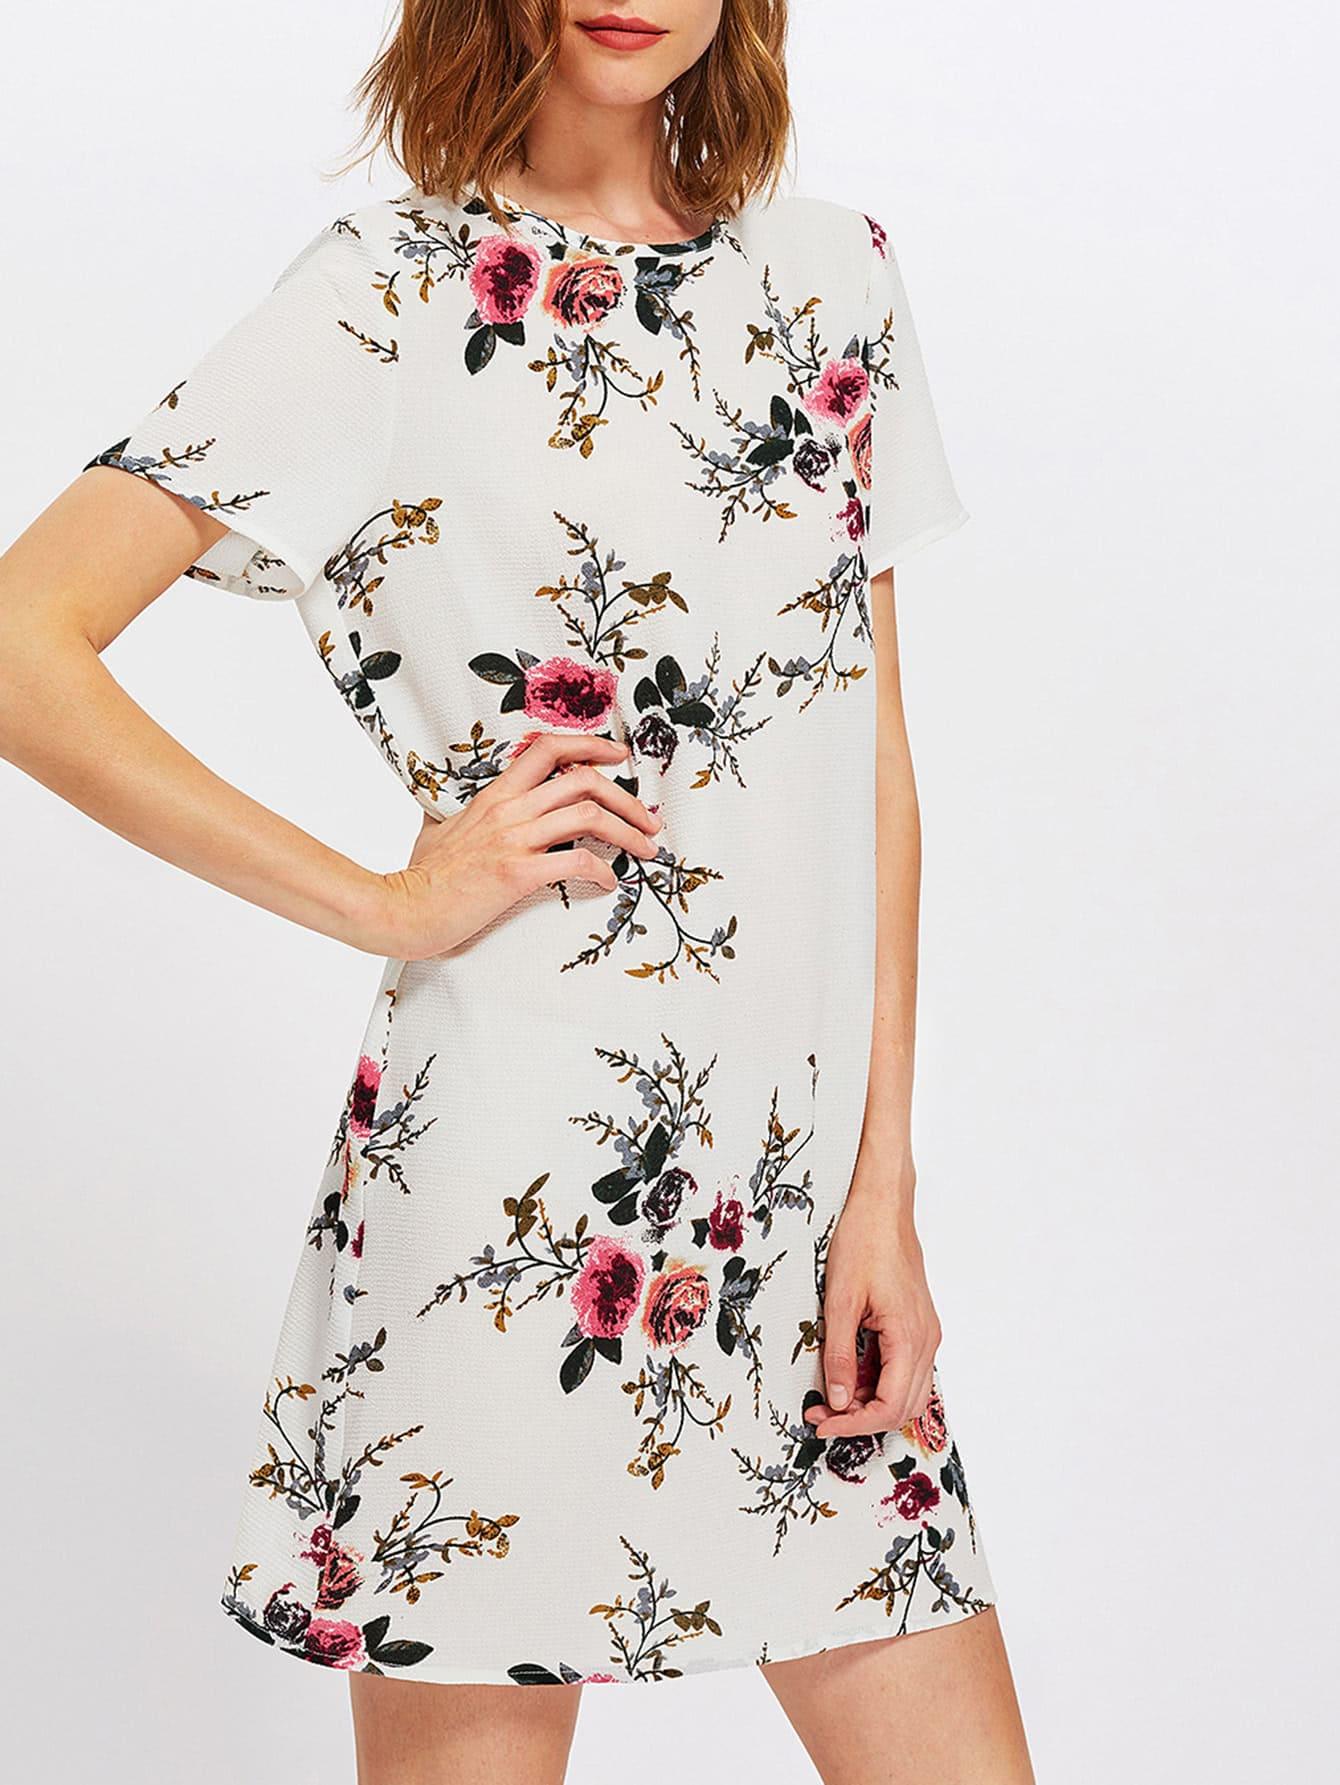 Купить Модное платье с цветочным принтом, Zoranaa, SheIn